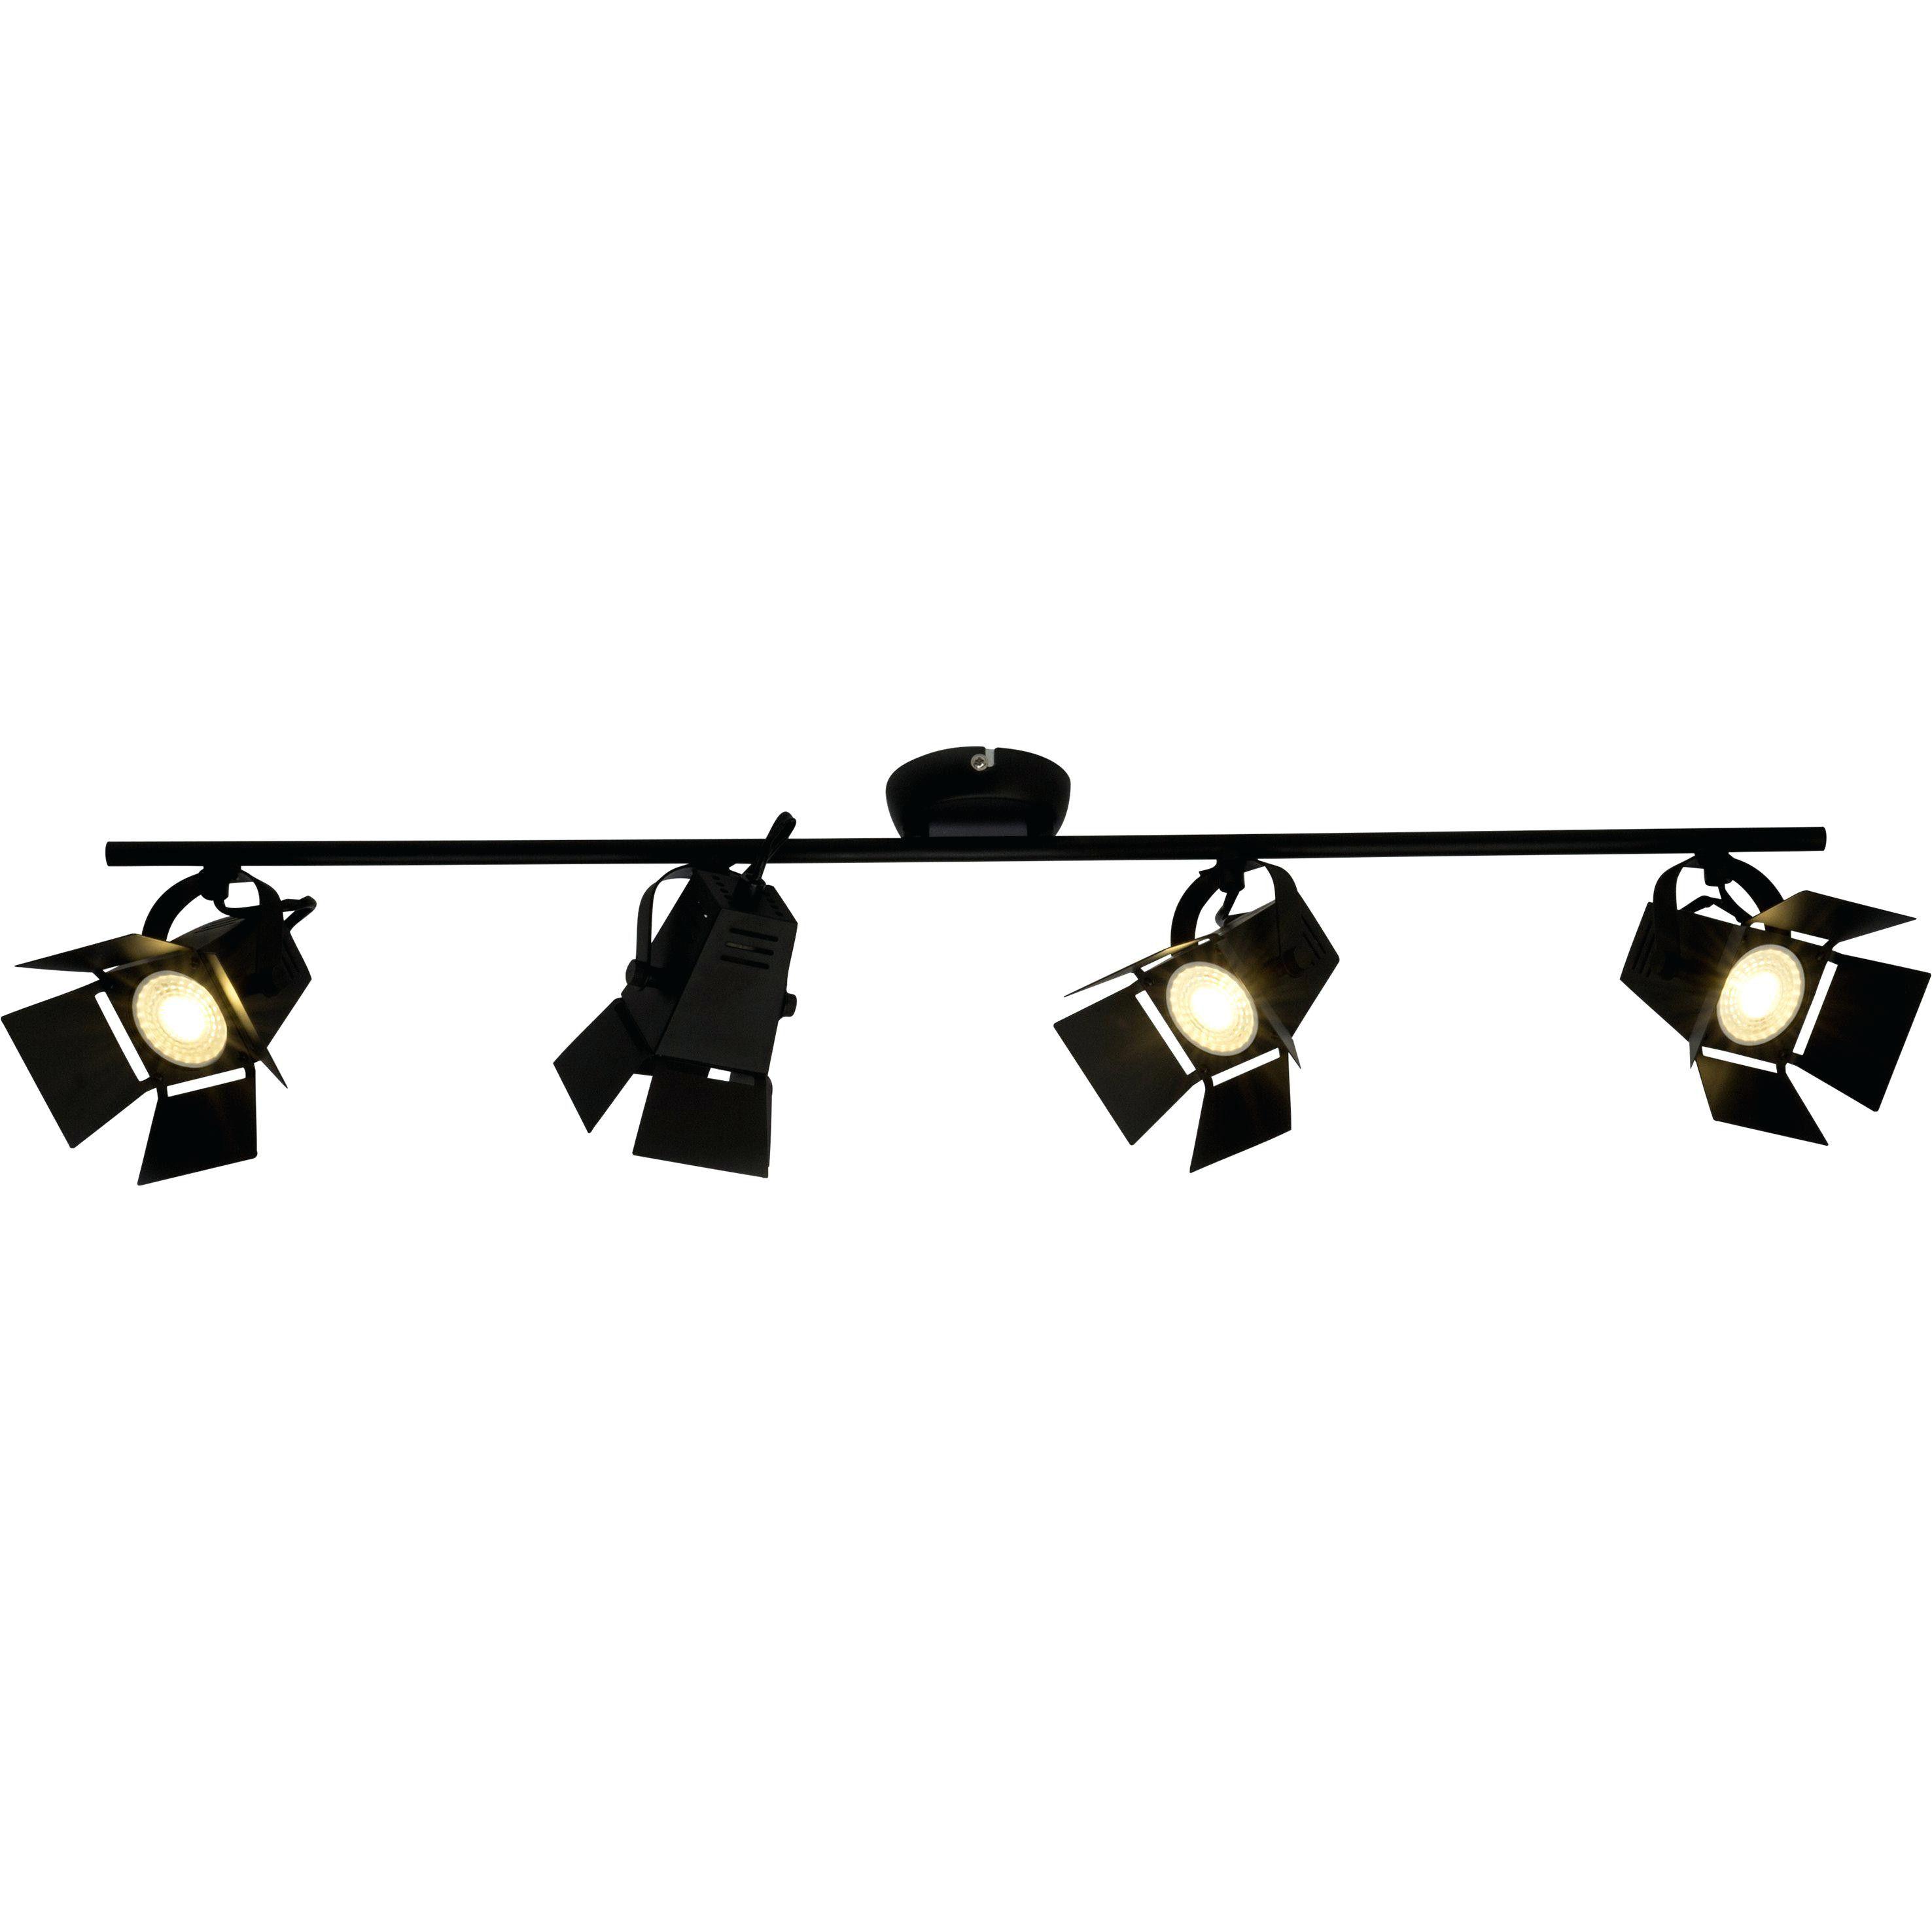 Otto Versand Schlafzimmer Lampen Galerie in 2020 | Ceiling ...